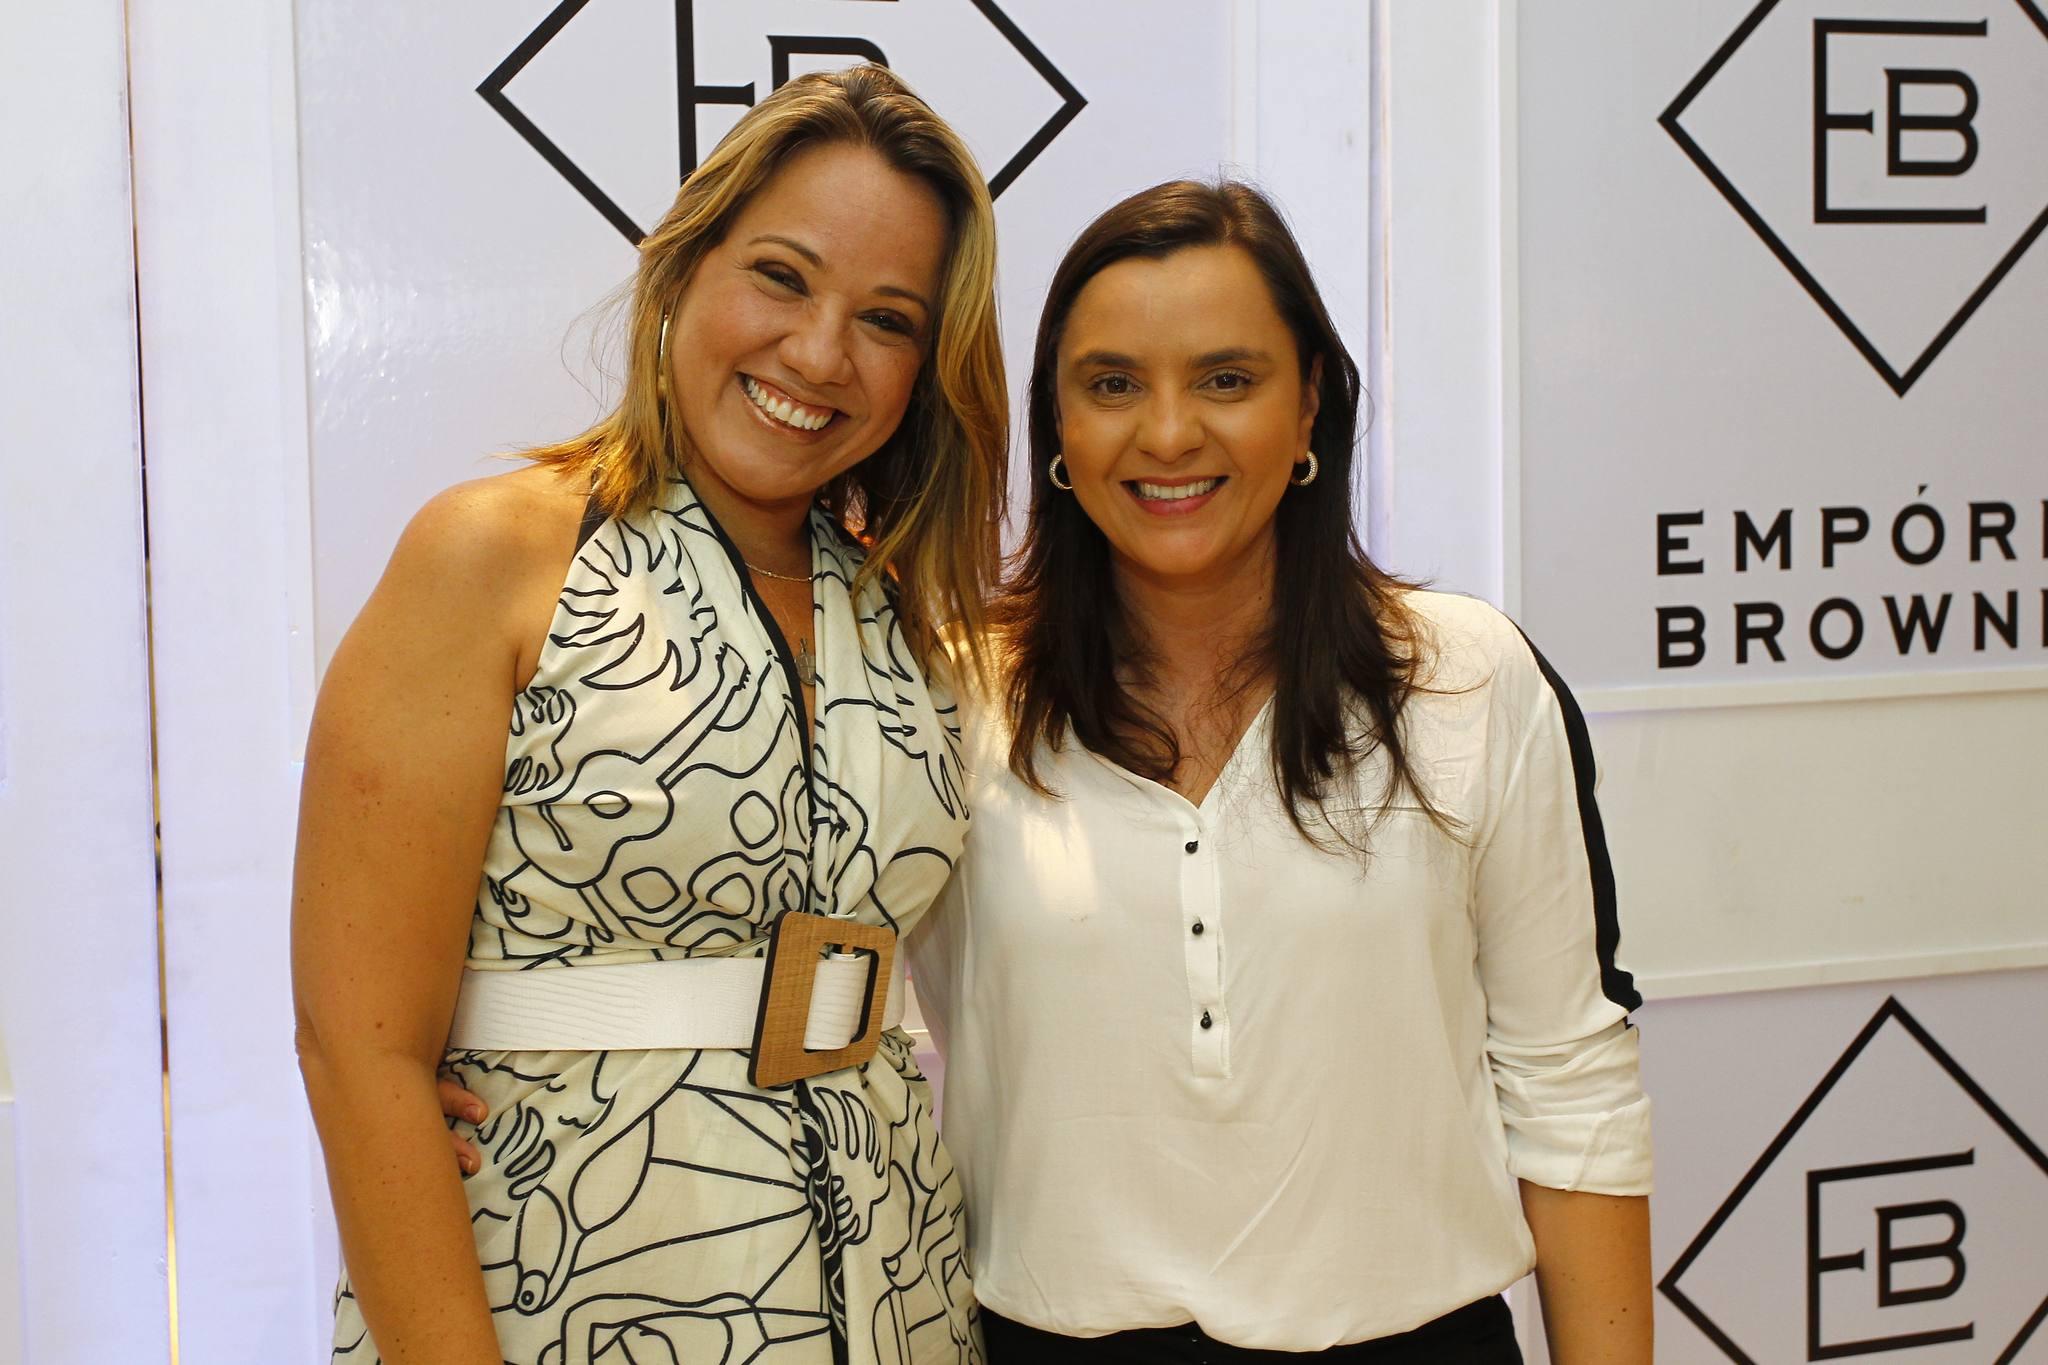 Aleticia Pessoa E Natalia Pinheiro